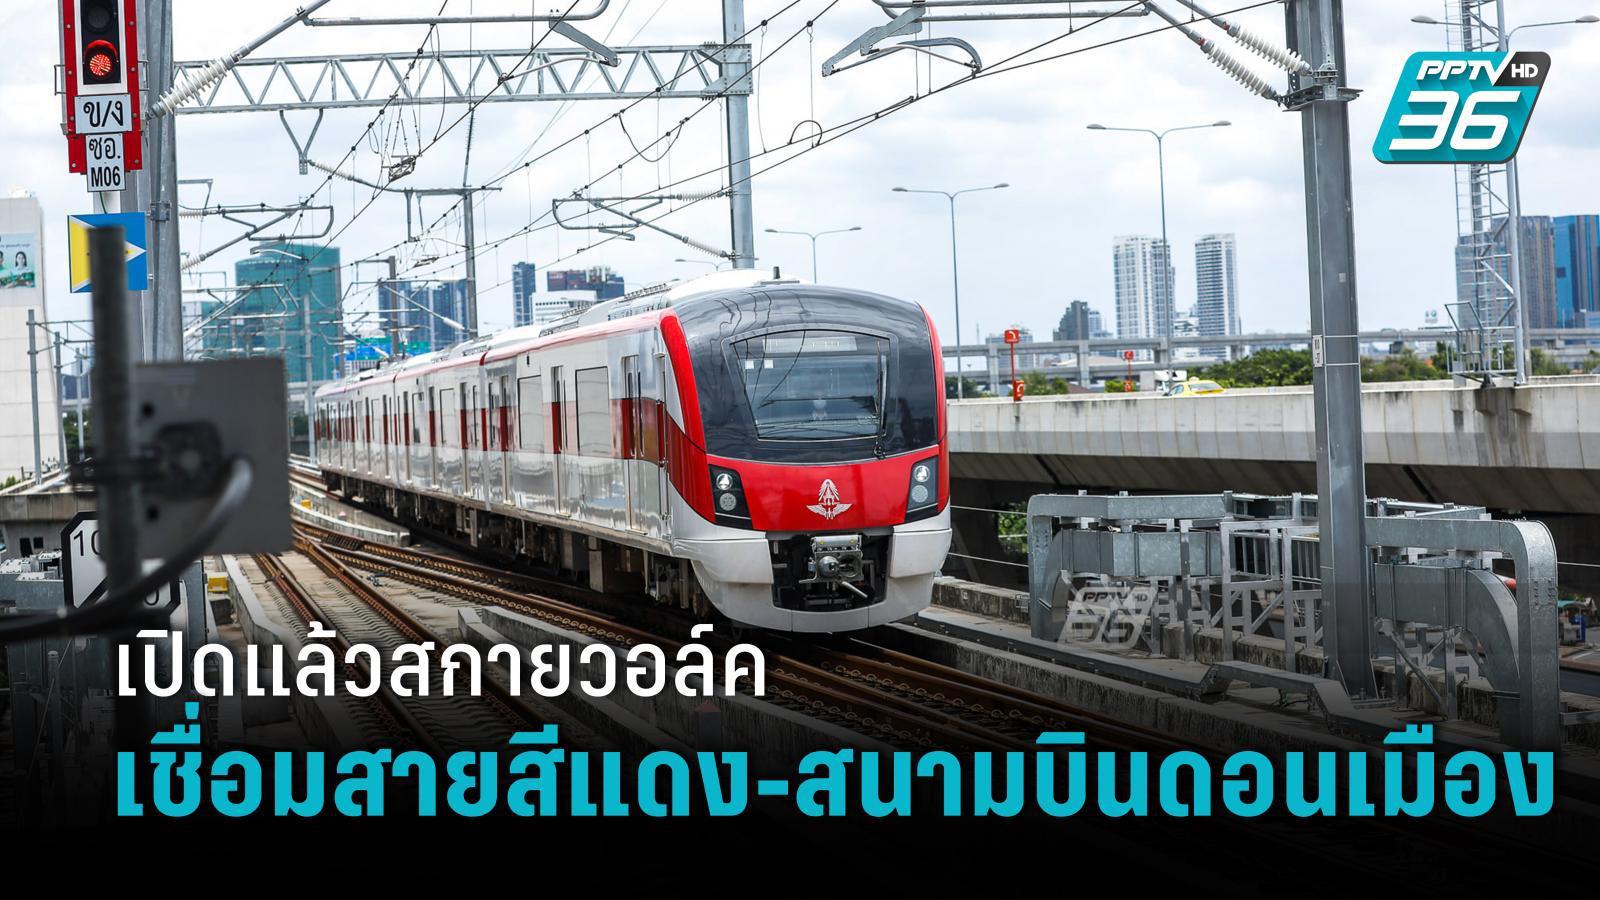 สนามบินดอนเมืองเปิดทางเชื่อมสถานีรถไฟฟ้าสายสีแดงบางซื่อ-รังสิต